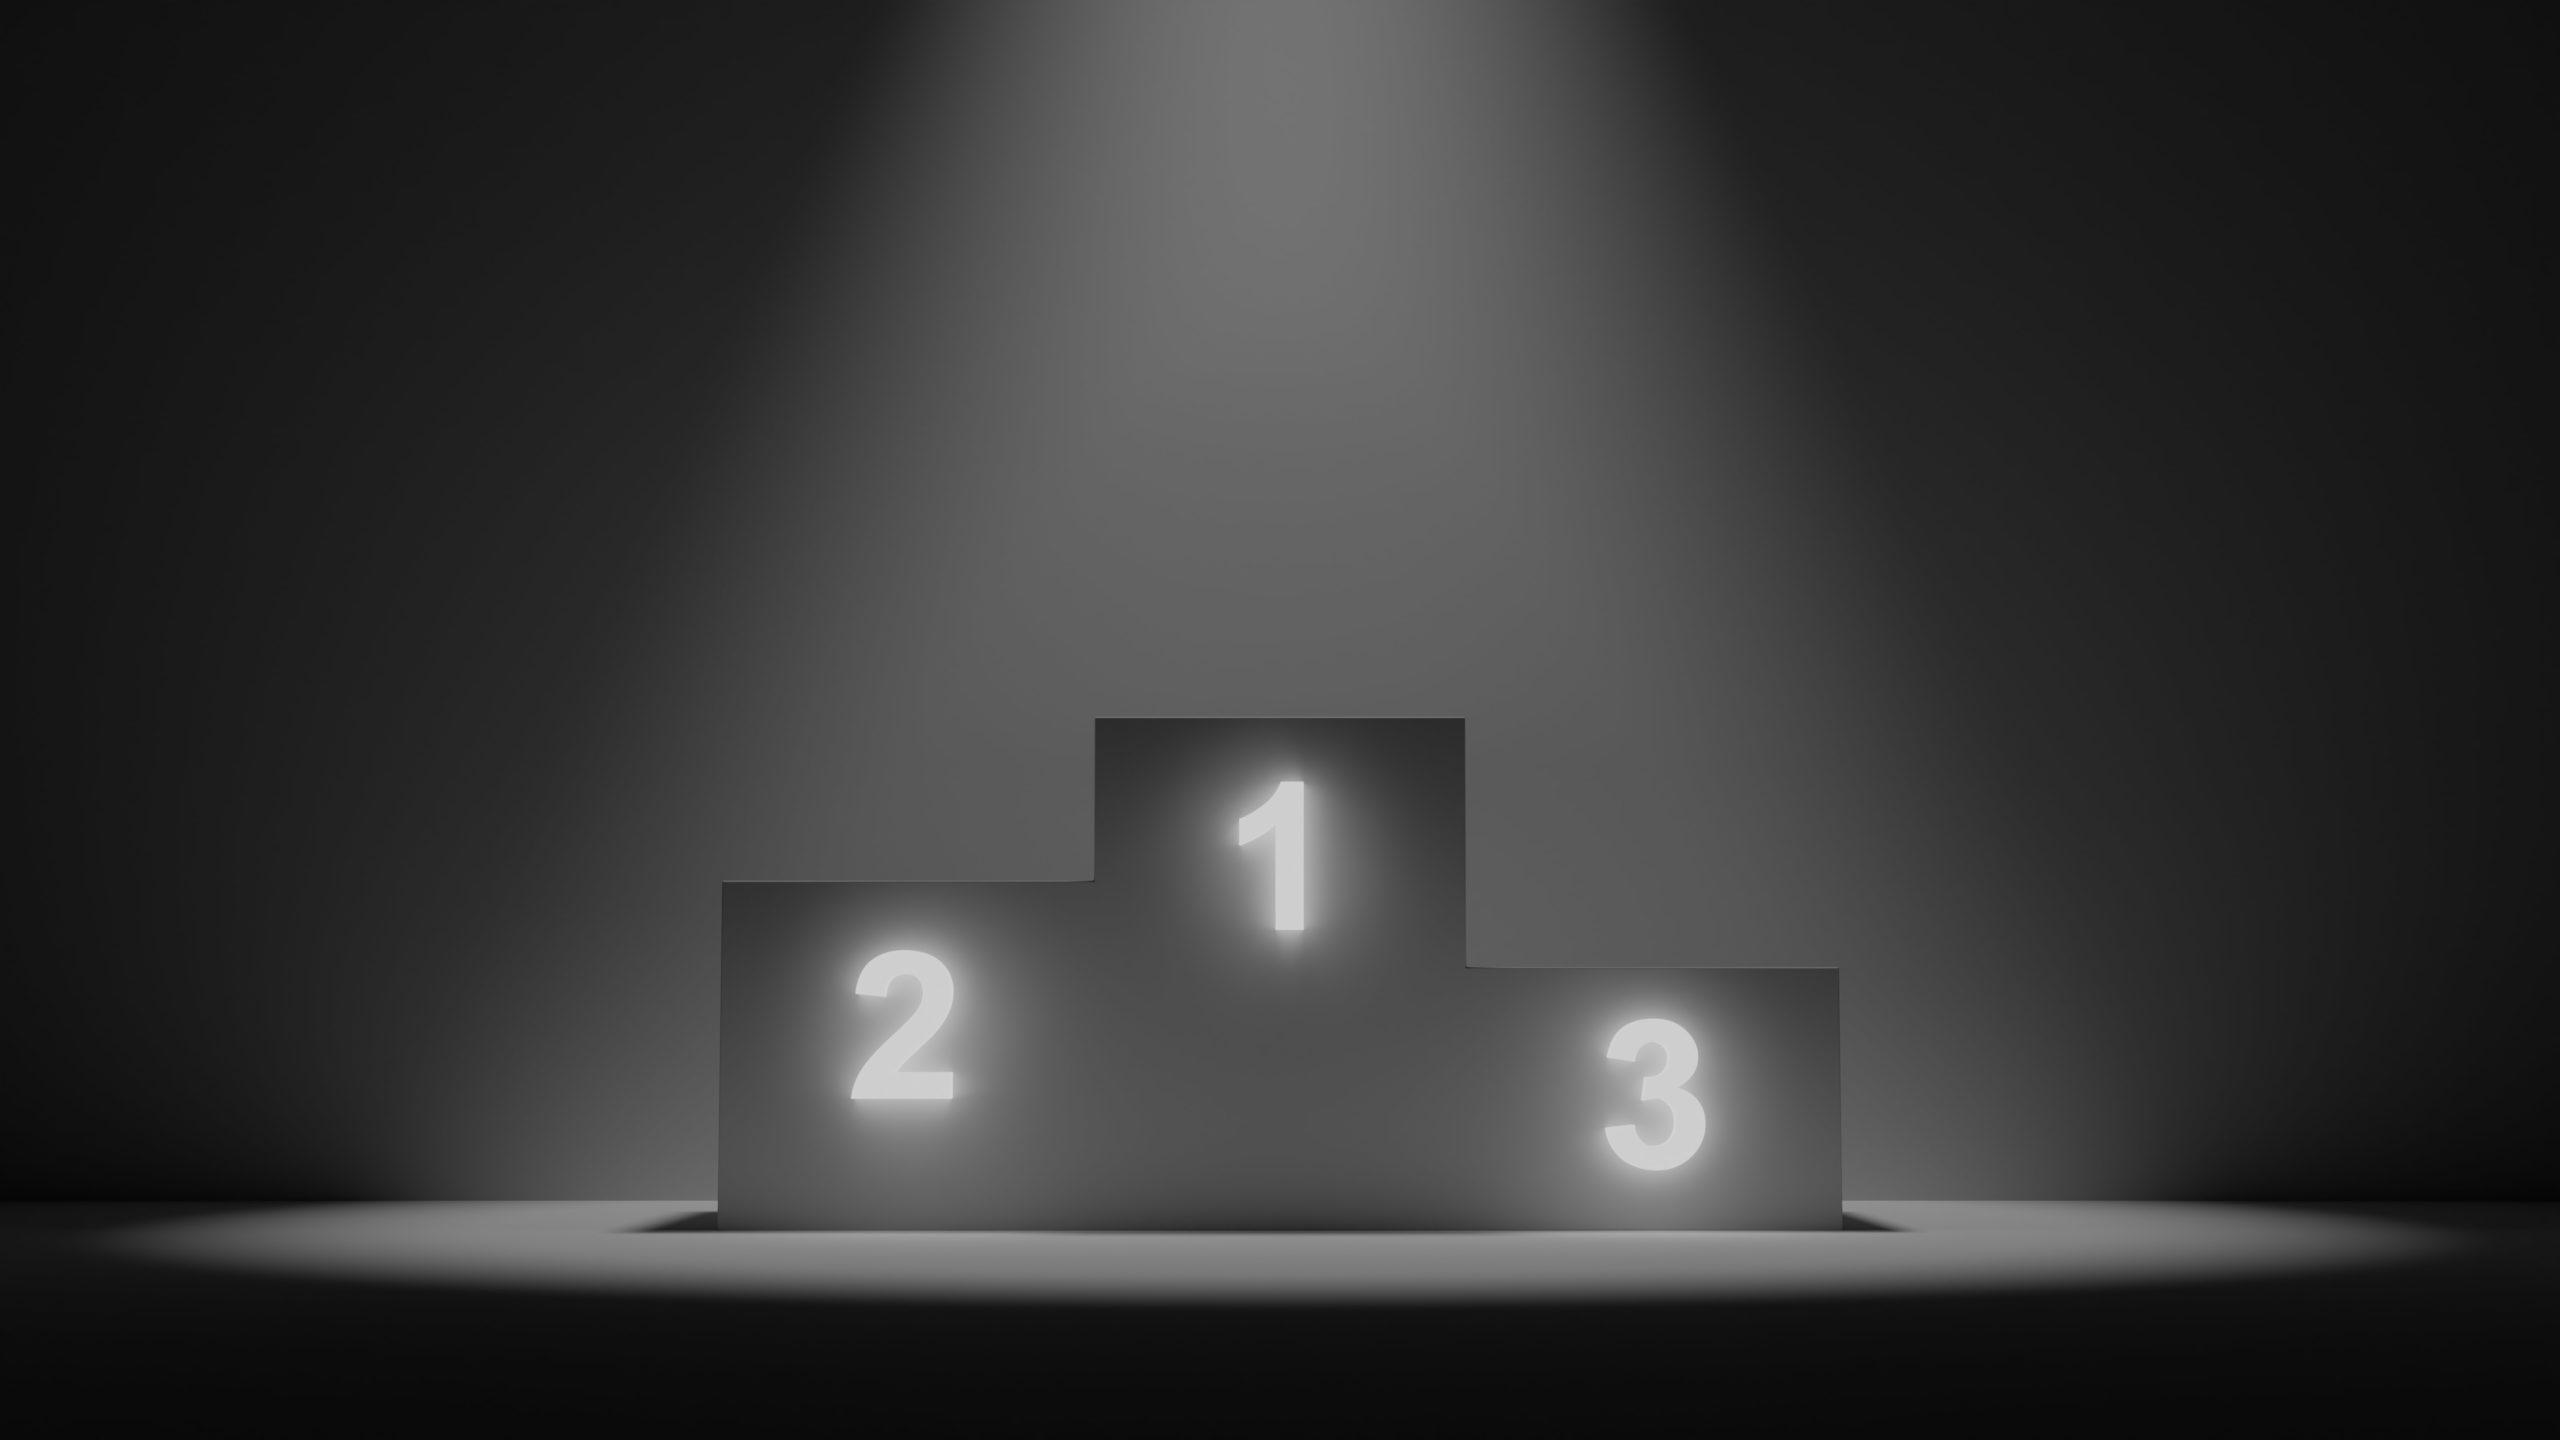 【新曲紹介付き】日向坂46 1stアルバム「ひなたざか」収録曲おすすめランキングベスト3